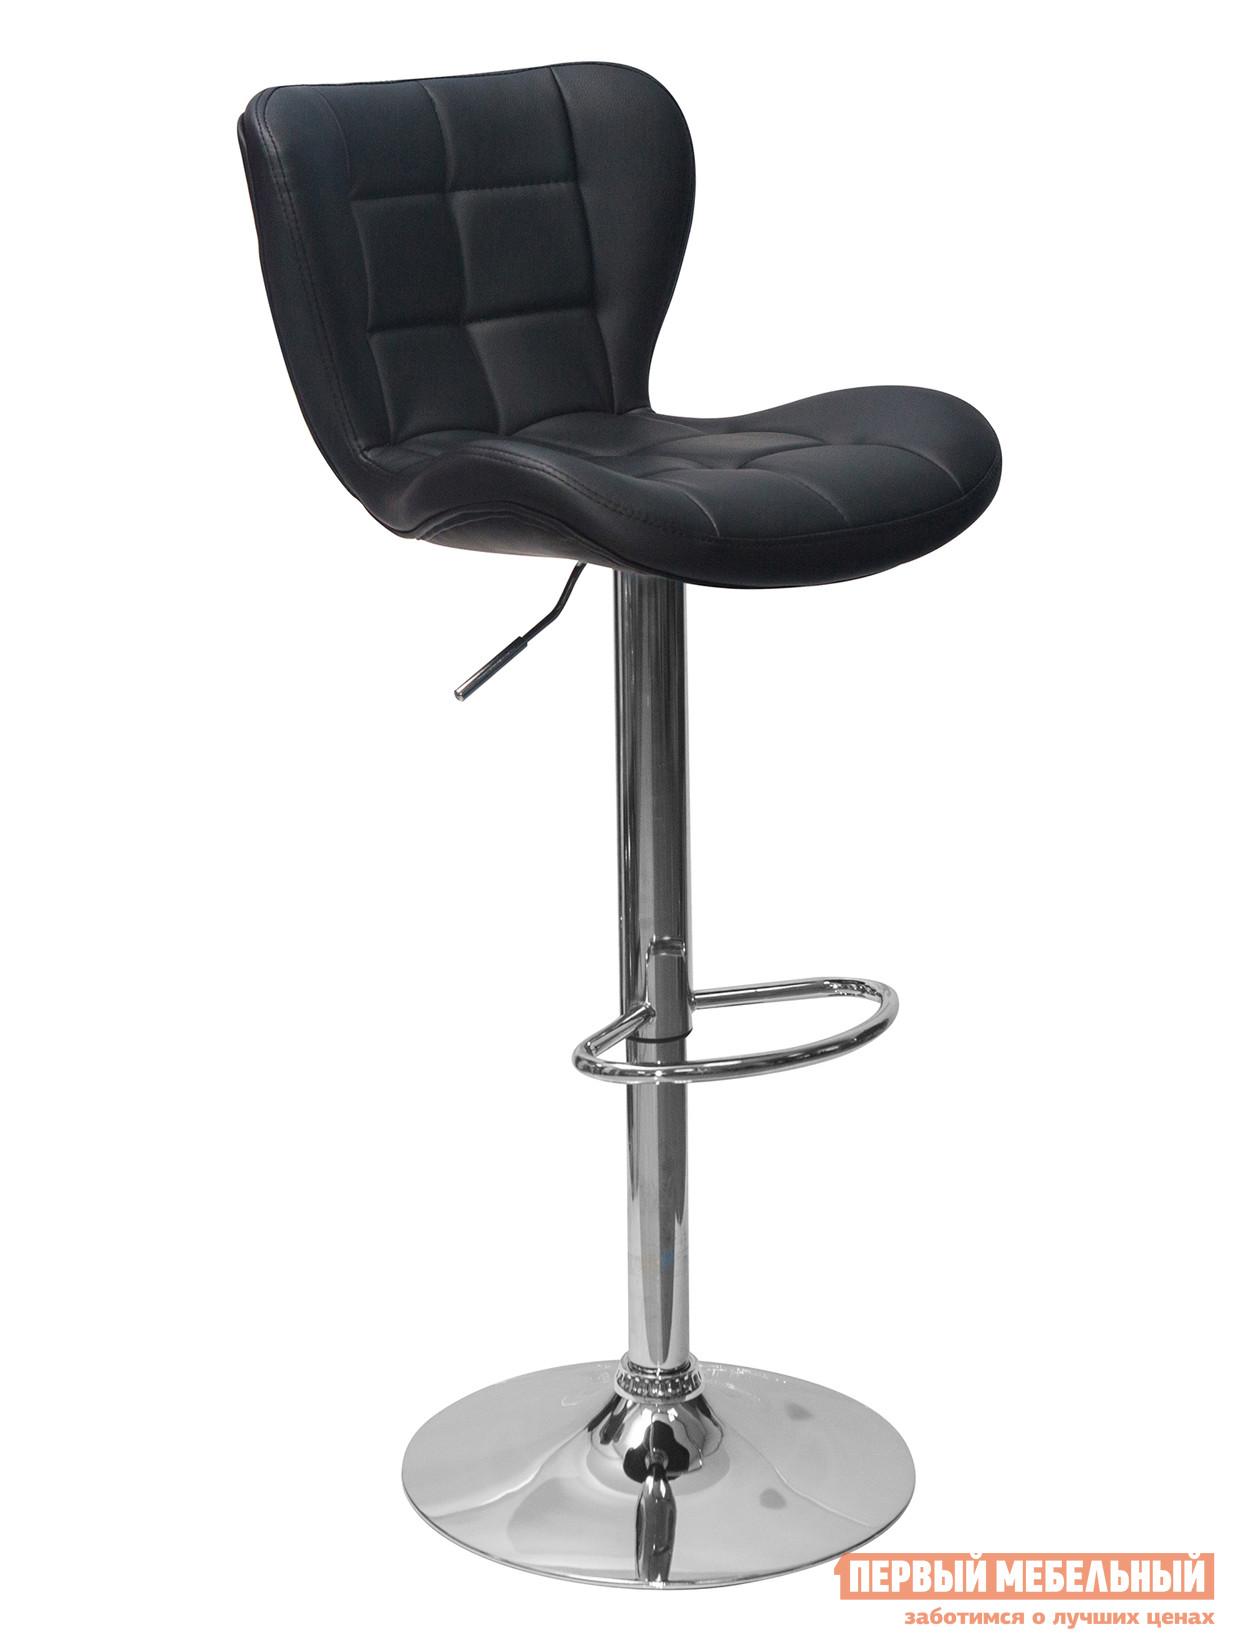 Барный стул STOOL GROUP Стул барный ПОРШЕ Черный от Купистол